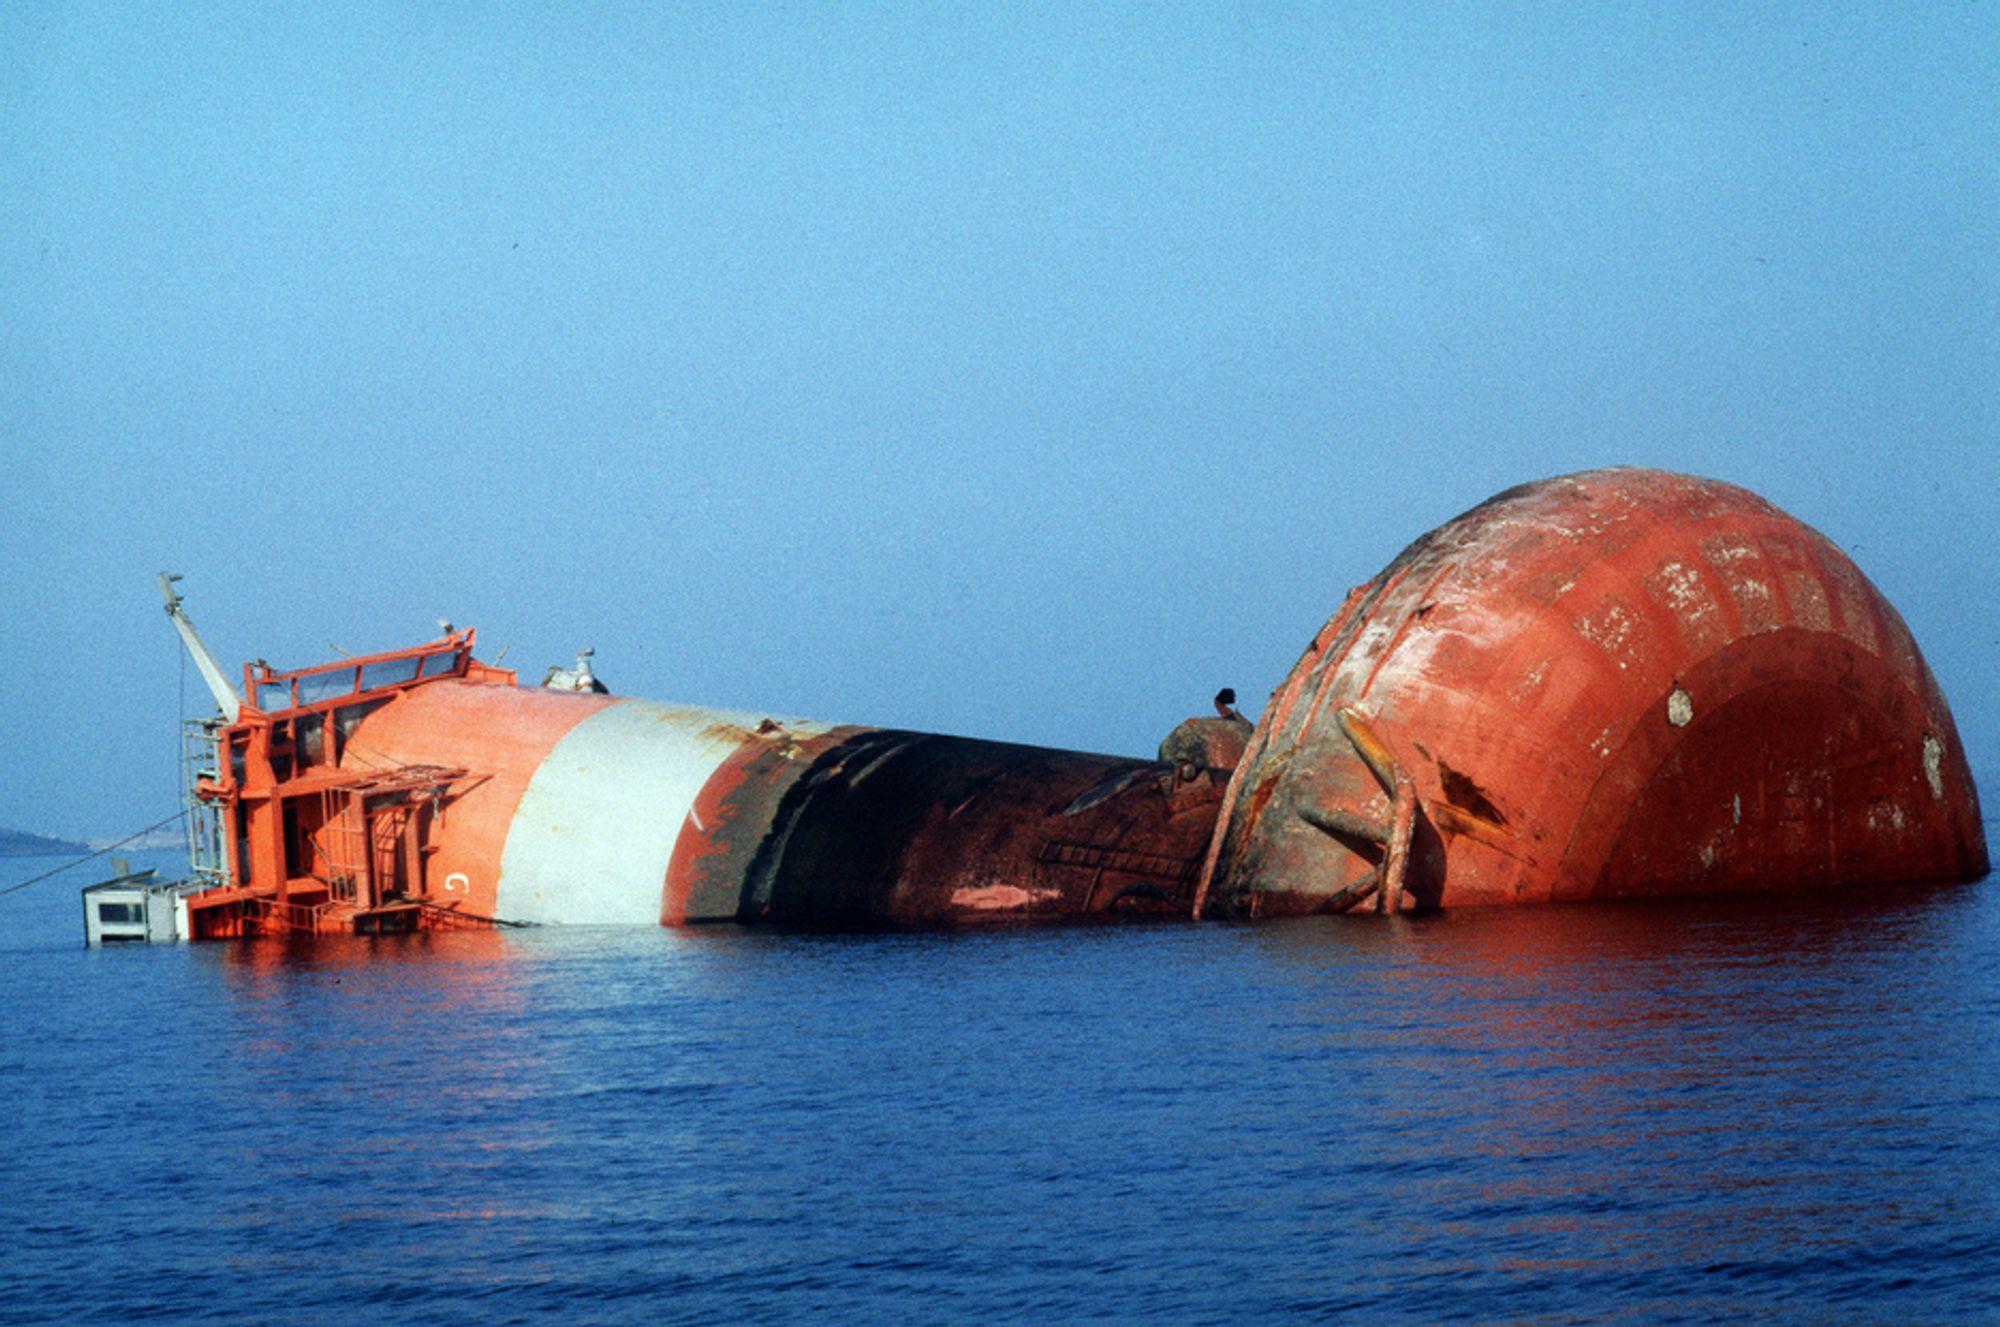 """IKKE IGJEN: """"Alexander L. Kielland""""-plattformen kantret 27. mars 1980 på Ekofiskfeltet i Nordsjøen. 123 mennesker omkom. Offshorearbeidere frykter at helsevesenet ikke kan håndtere en storulykke dersom noe skulle skje i Norskehavet."""